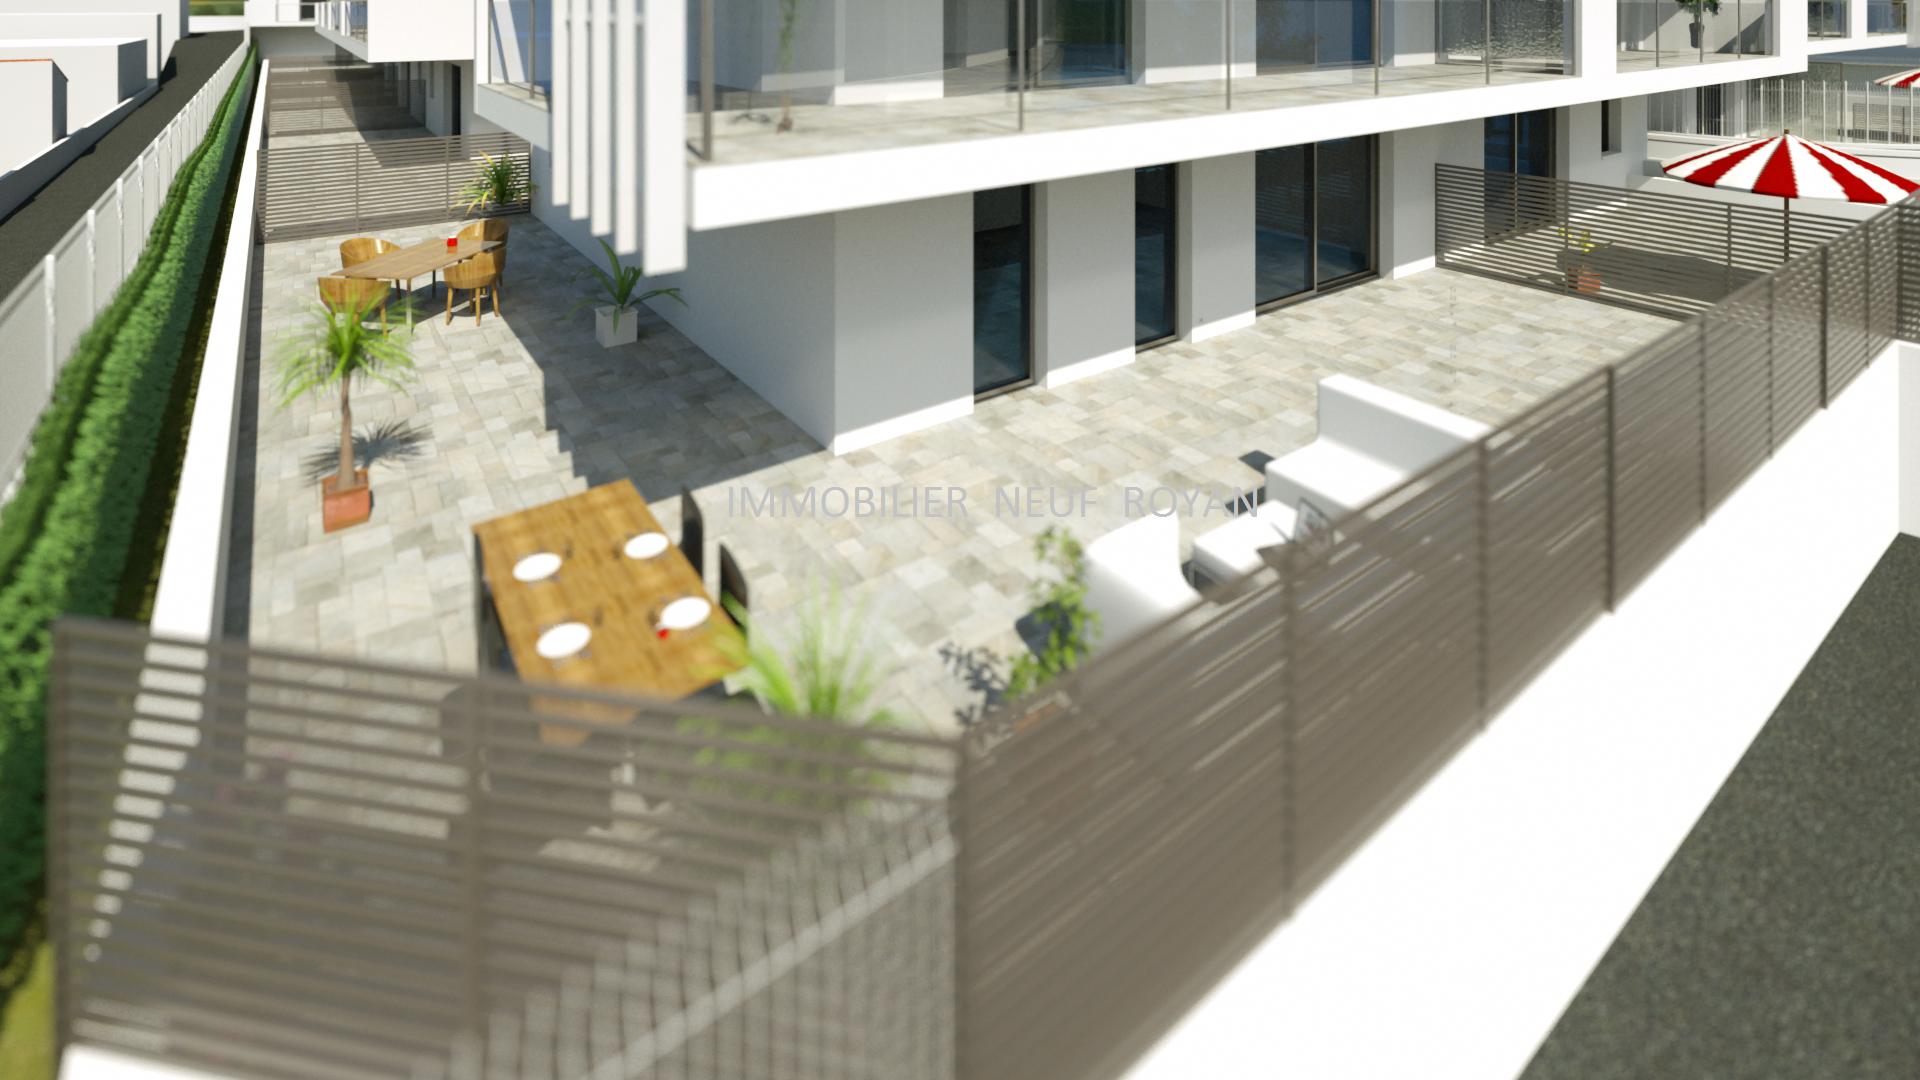 Terrasse  99m² appartement 4 pièces en Res de chaussée